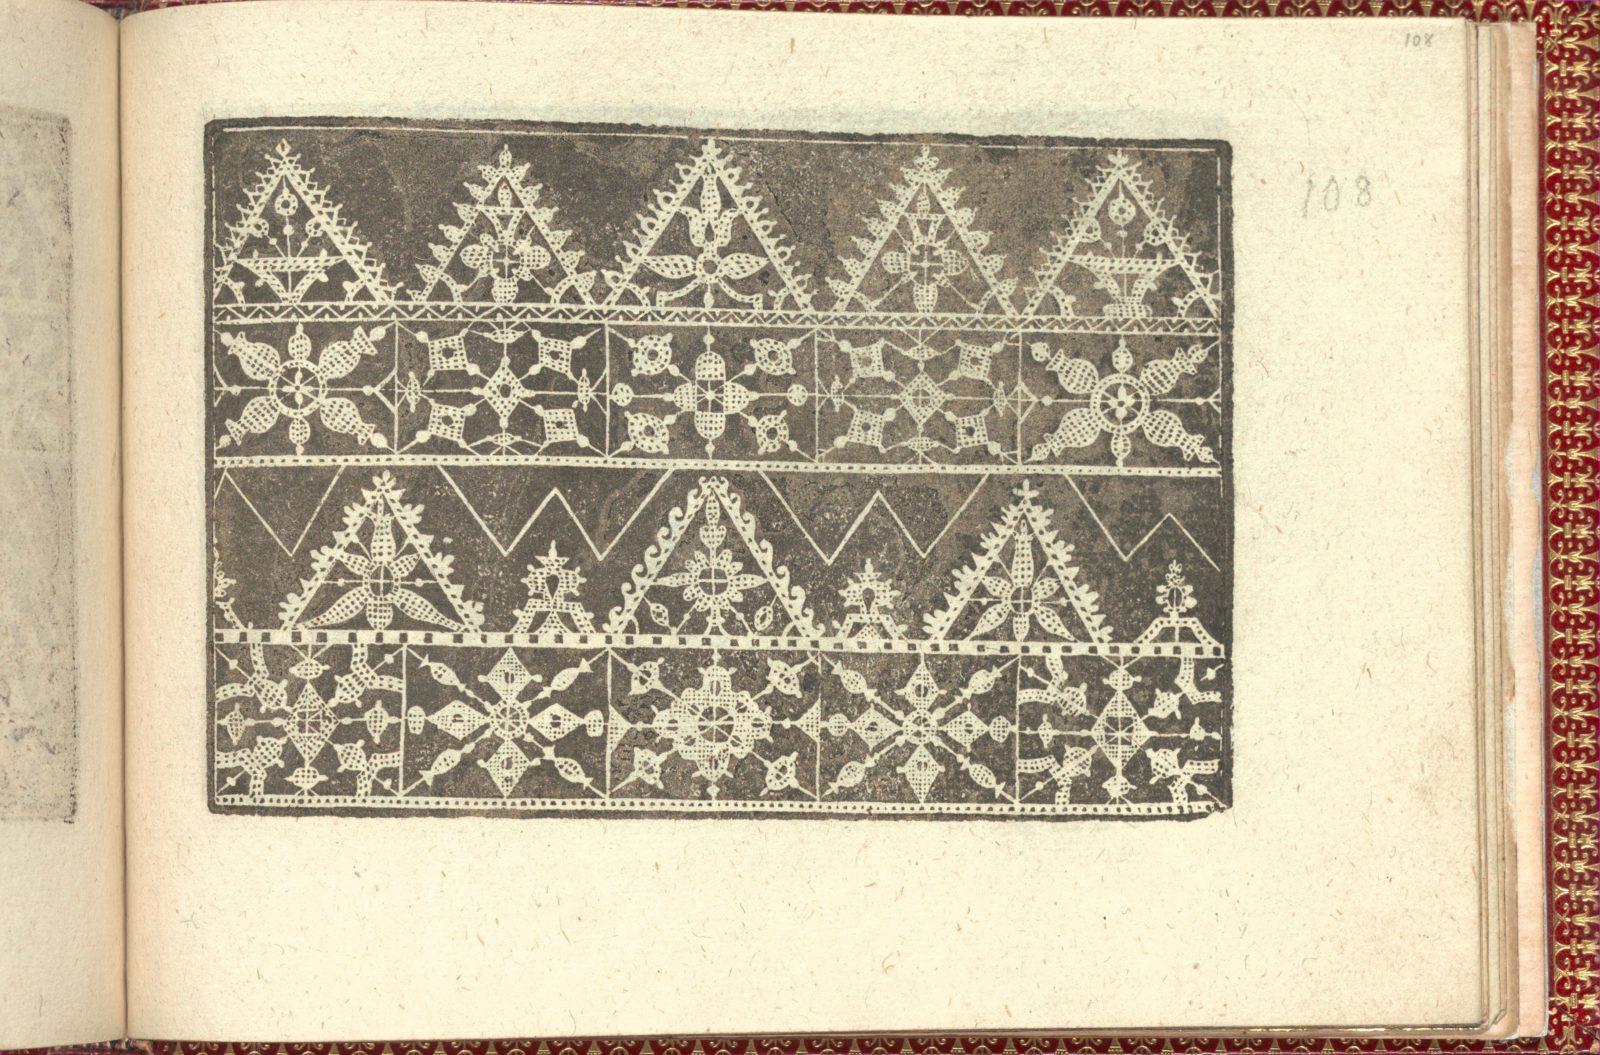 Corona delle Nobili et Virtuose Donne: Libro I-IV, page 108 (recto)